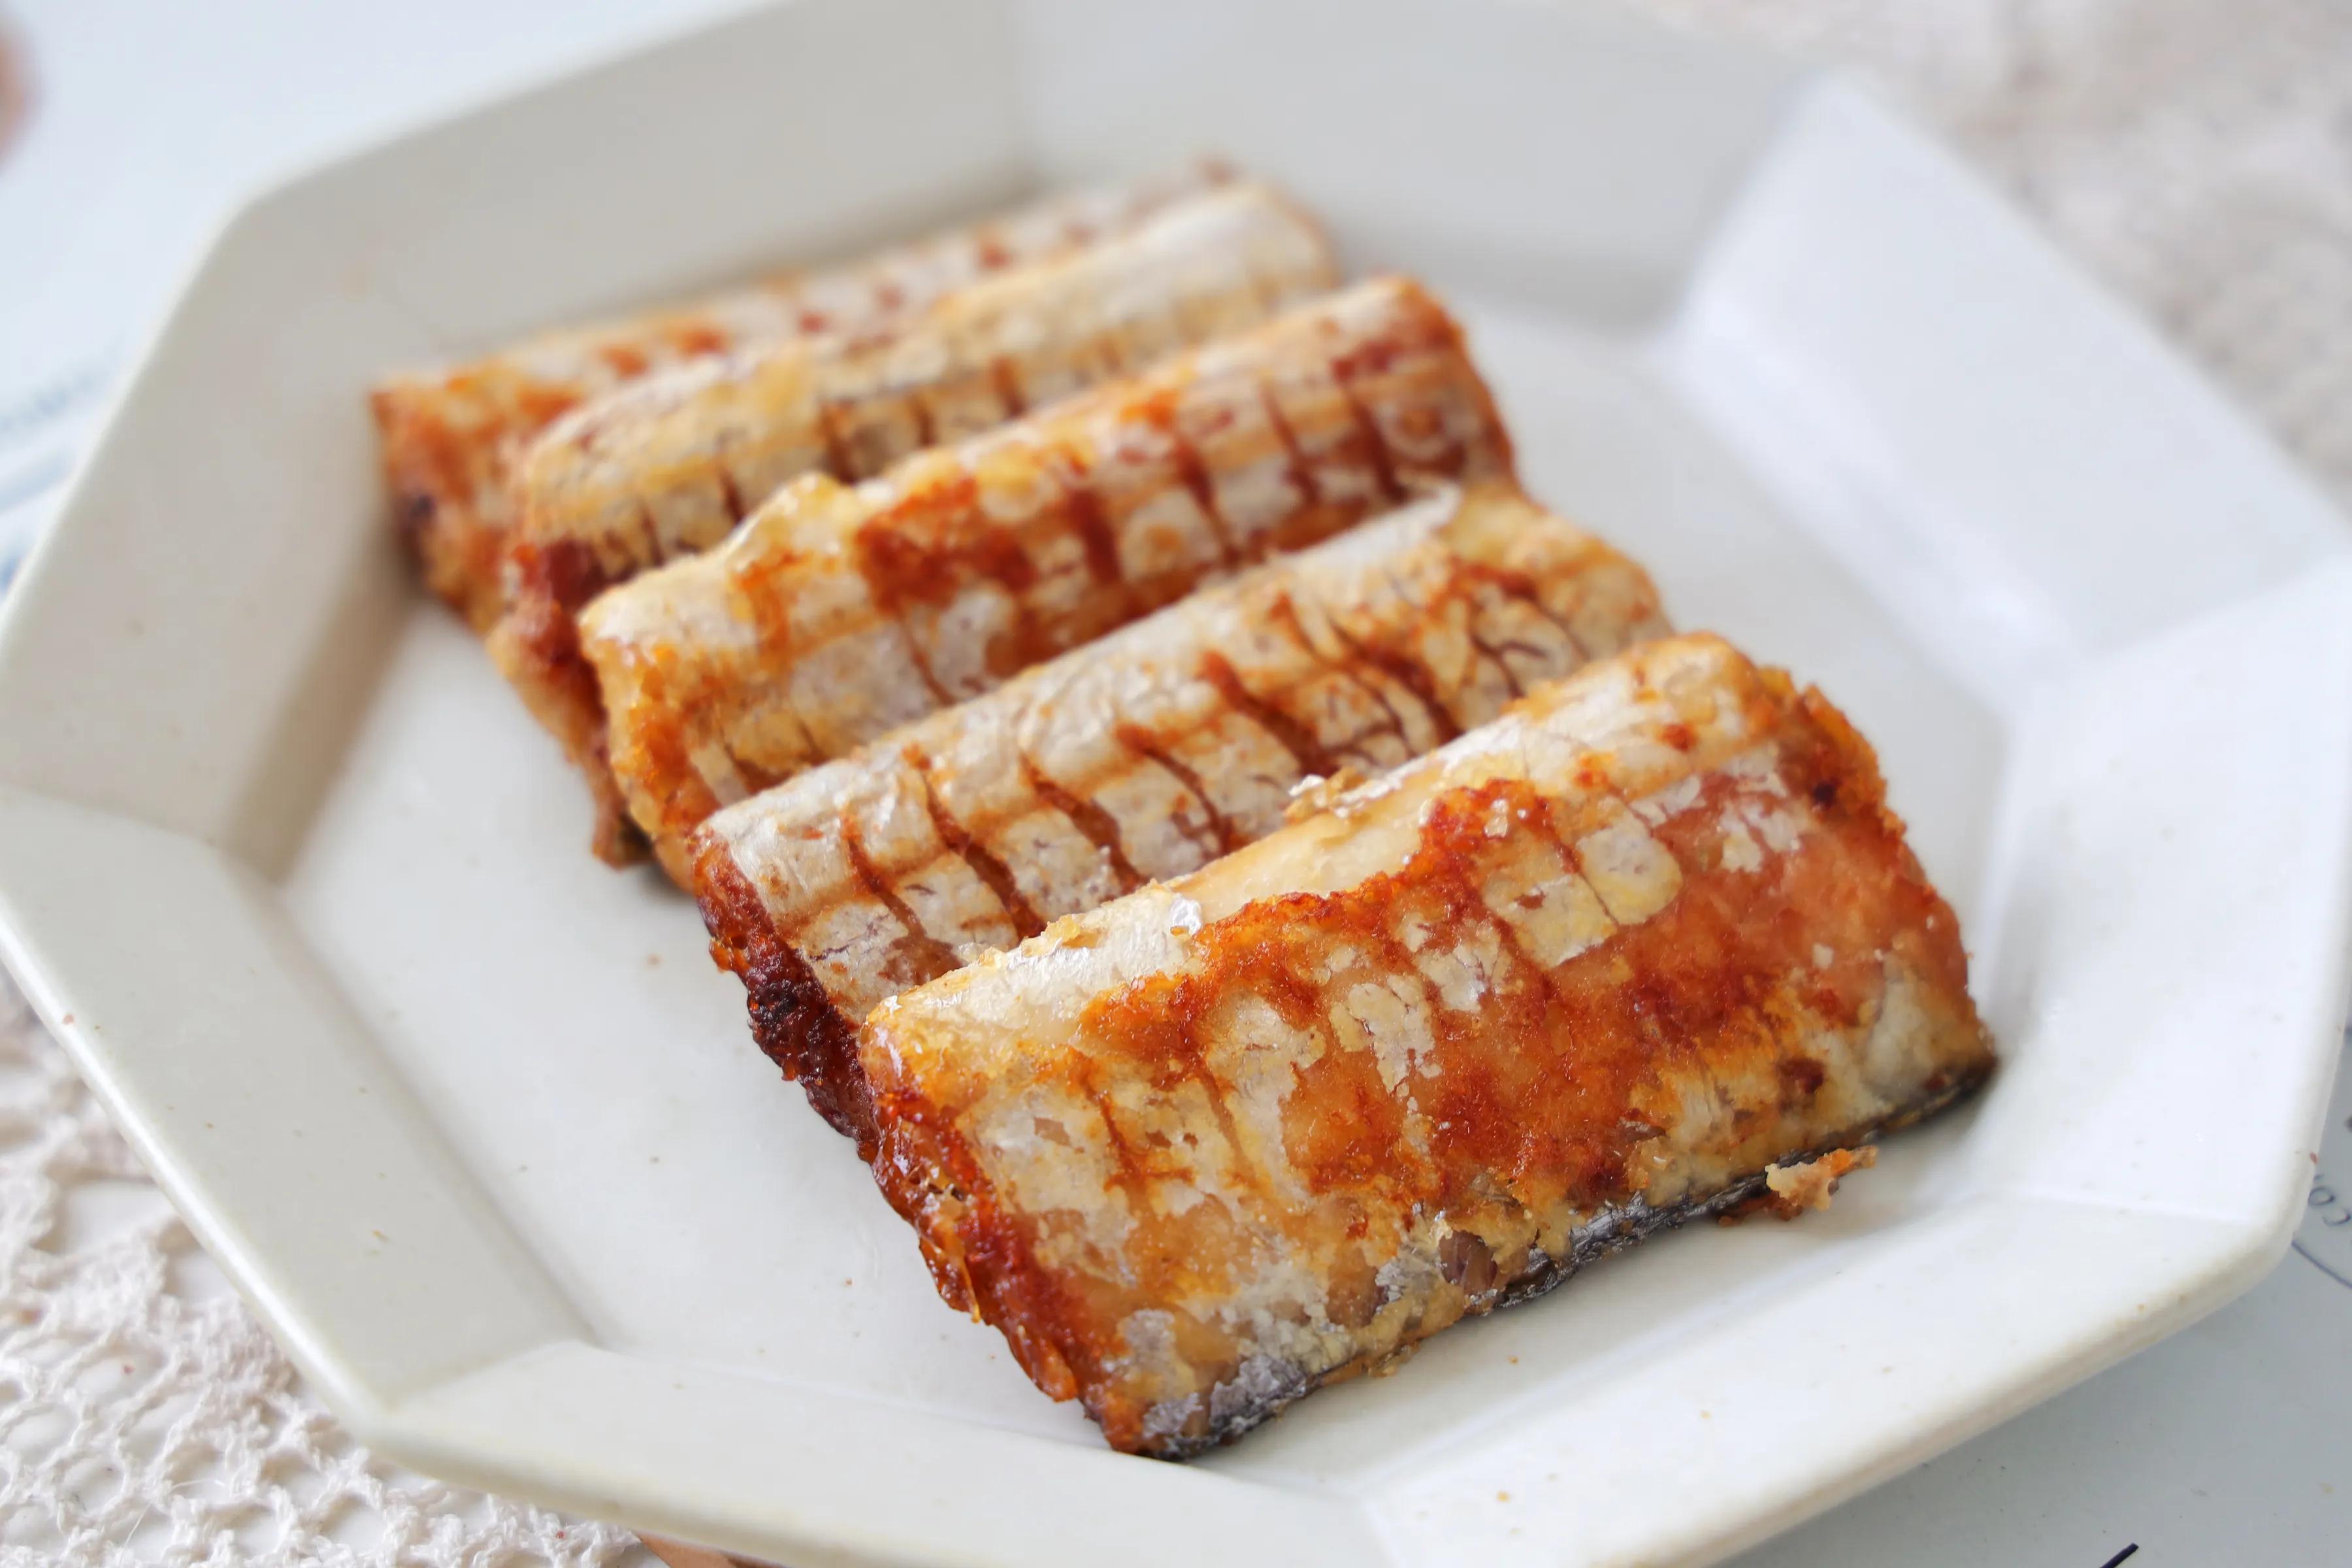 带鱼这样煎,肉质鲜嫩入味,而且简单好做,大暑过后马上做起来